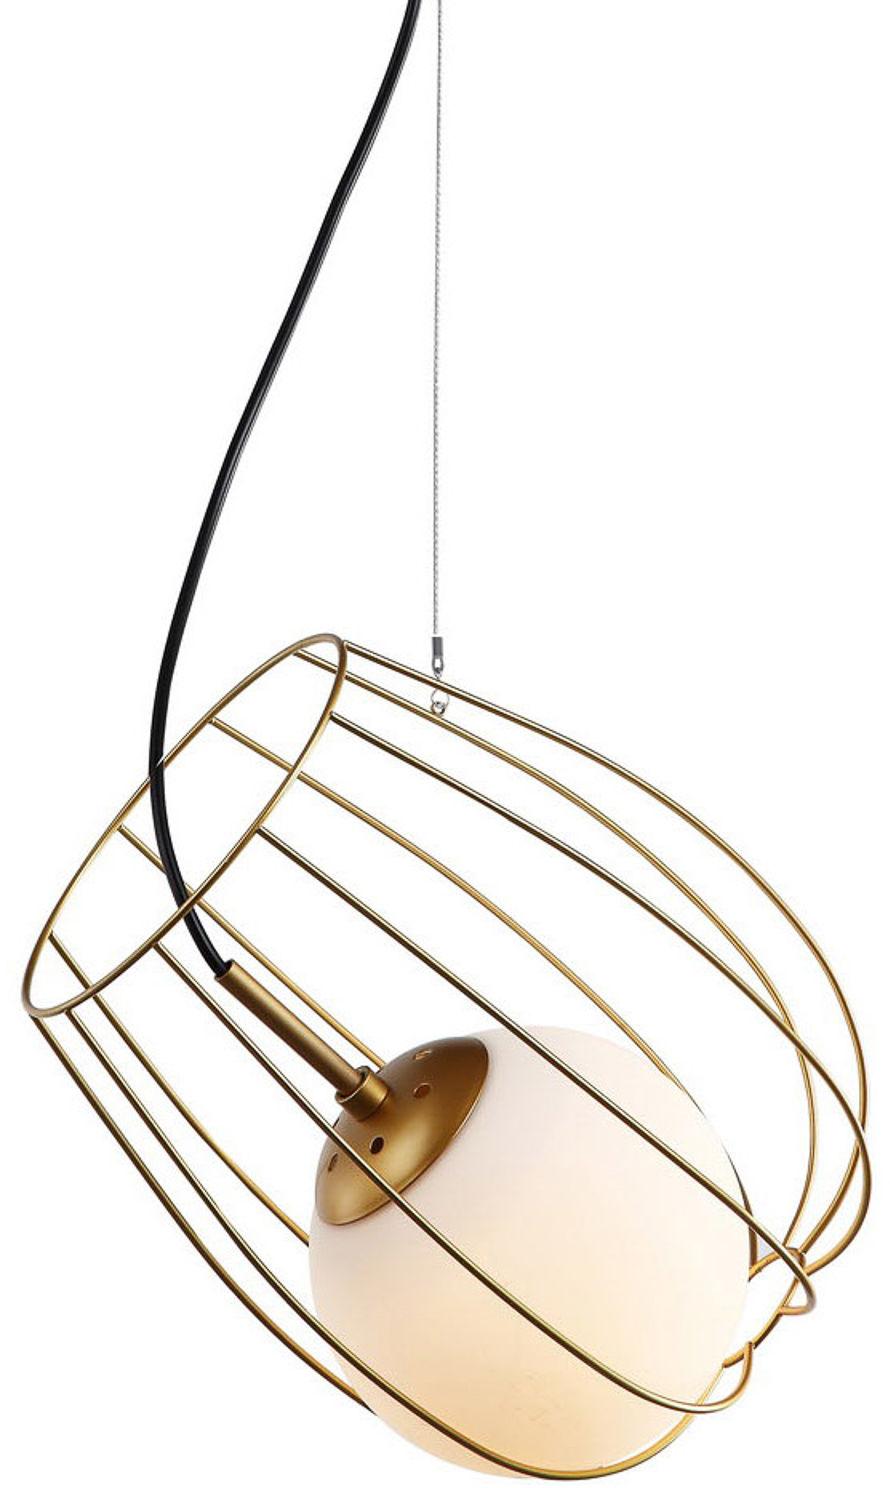 Italux lampa wisząca Melisa MDM-3943/1 GD złota druciana z szklanym kloszem 23cm